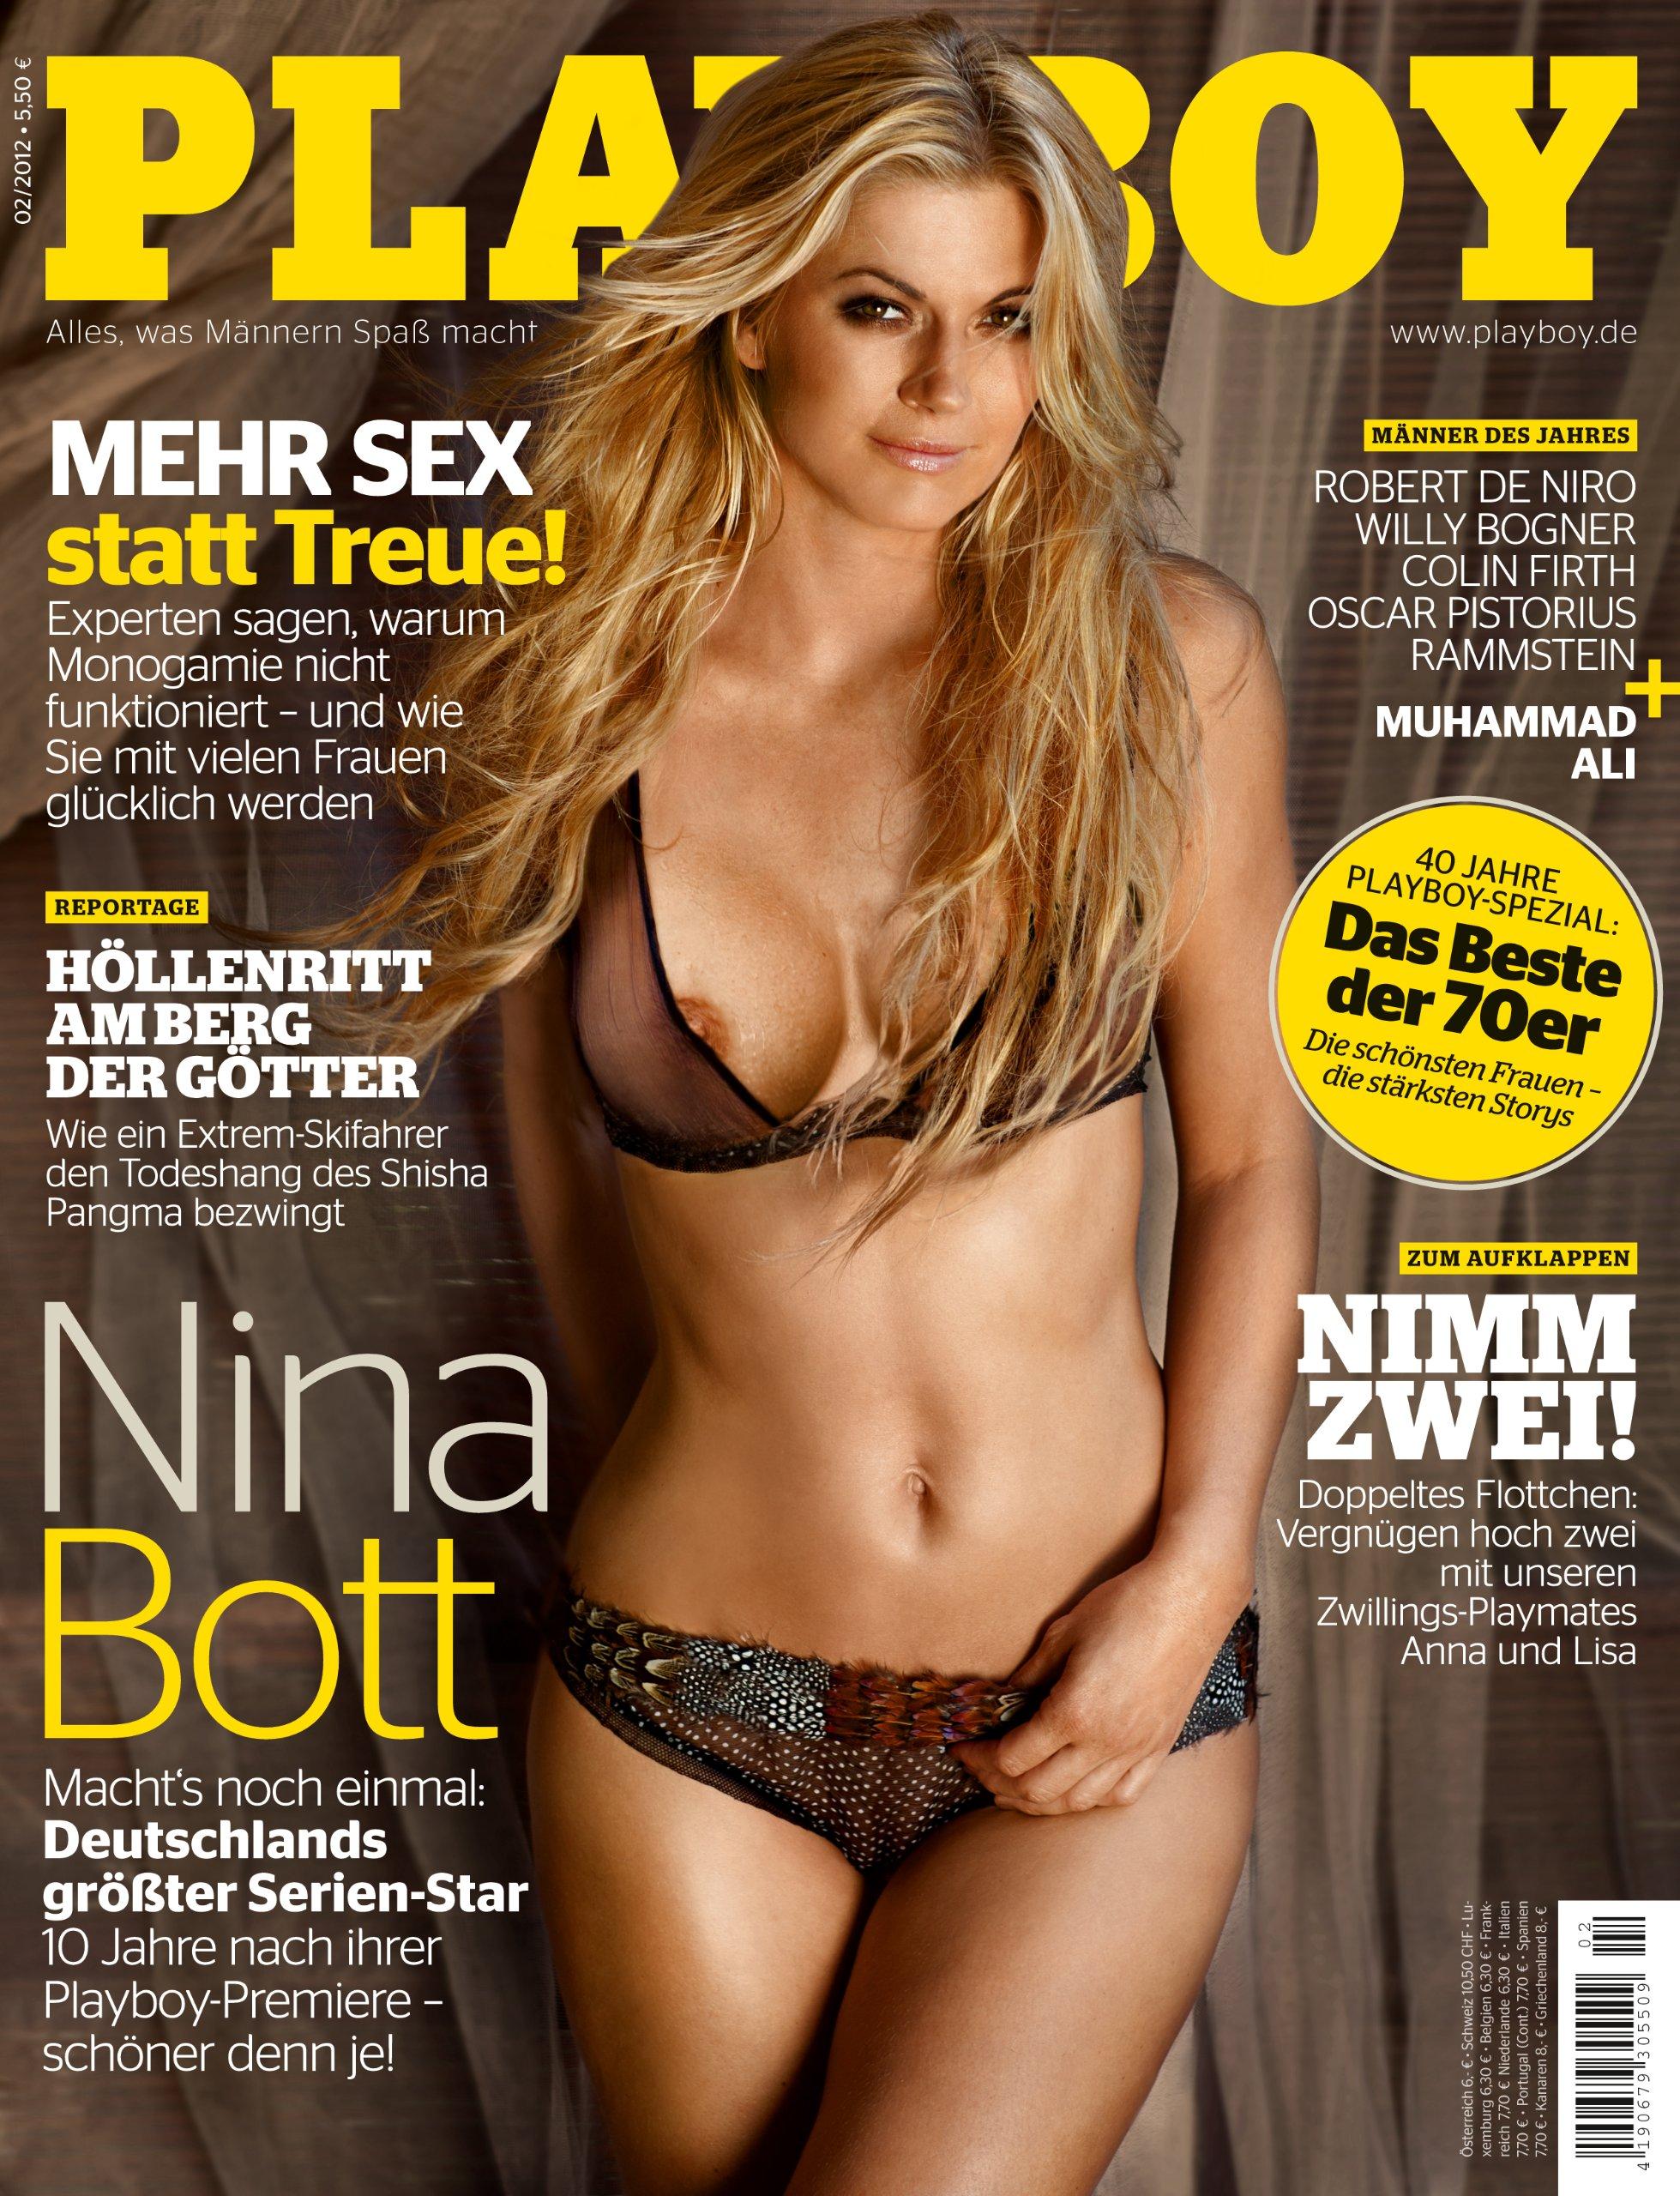 Playboy michaela holtz INES KLEIN